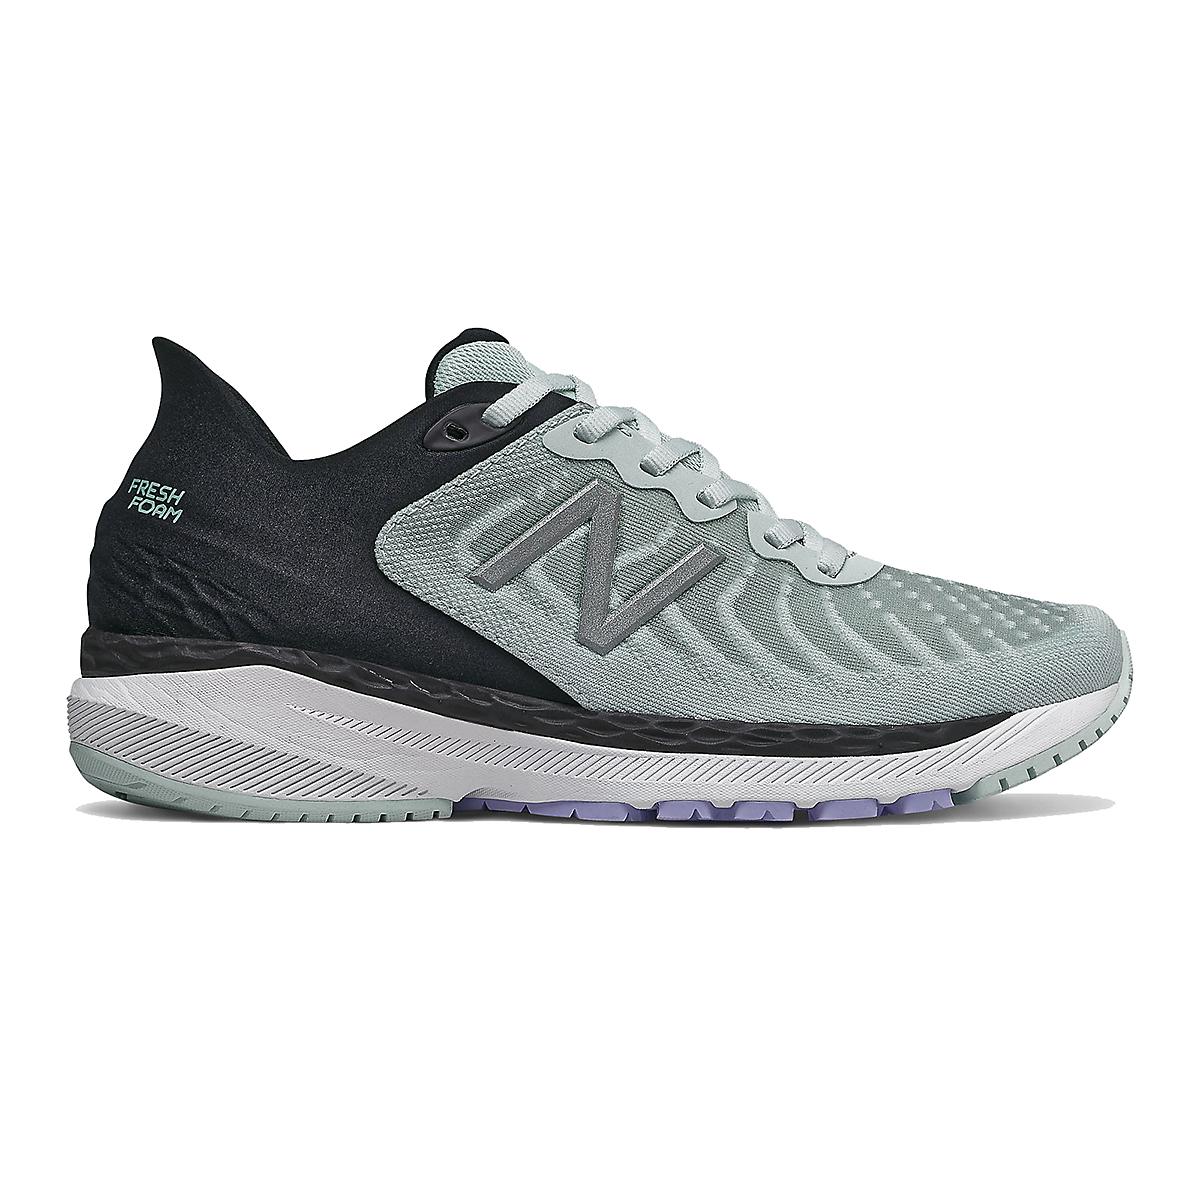 Women's New Balance Fresh Foam 860v11 Running Shoe - Color: Camden Fog - Size: 6 - Width: Regular, Camden Fog, large, image 1